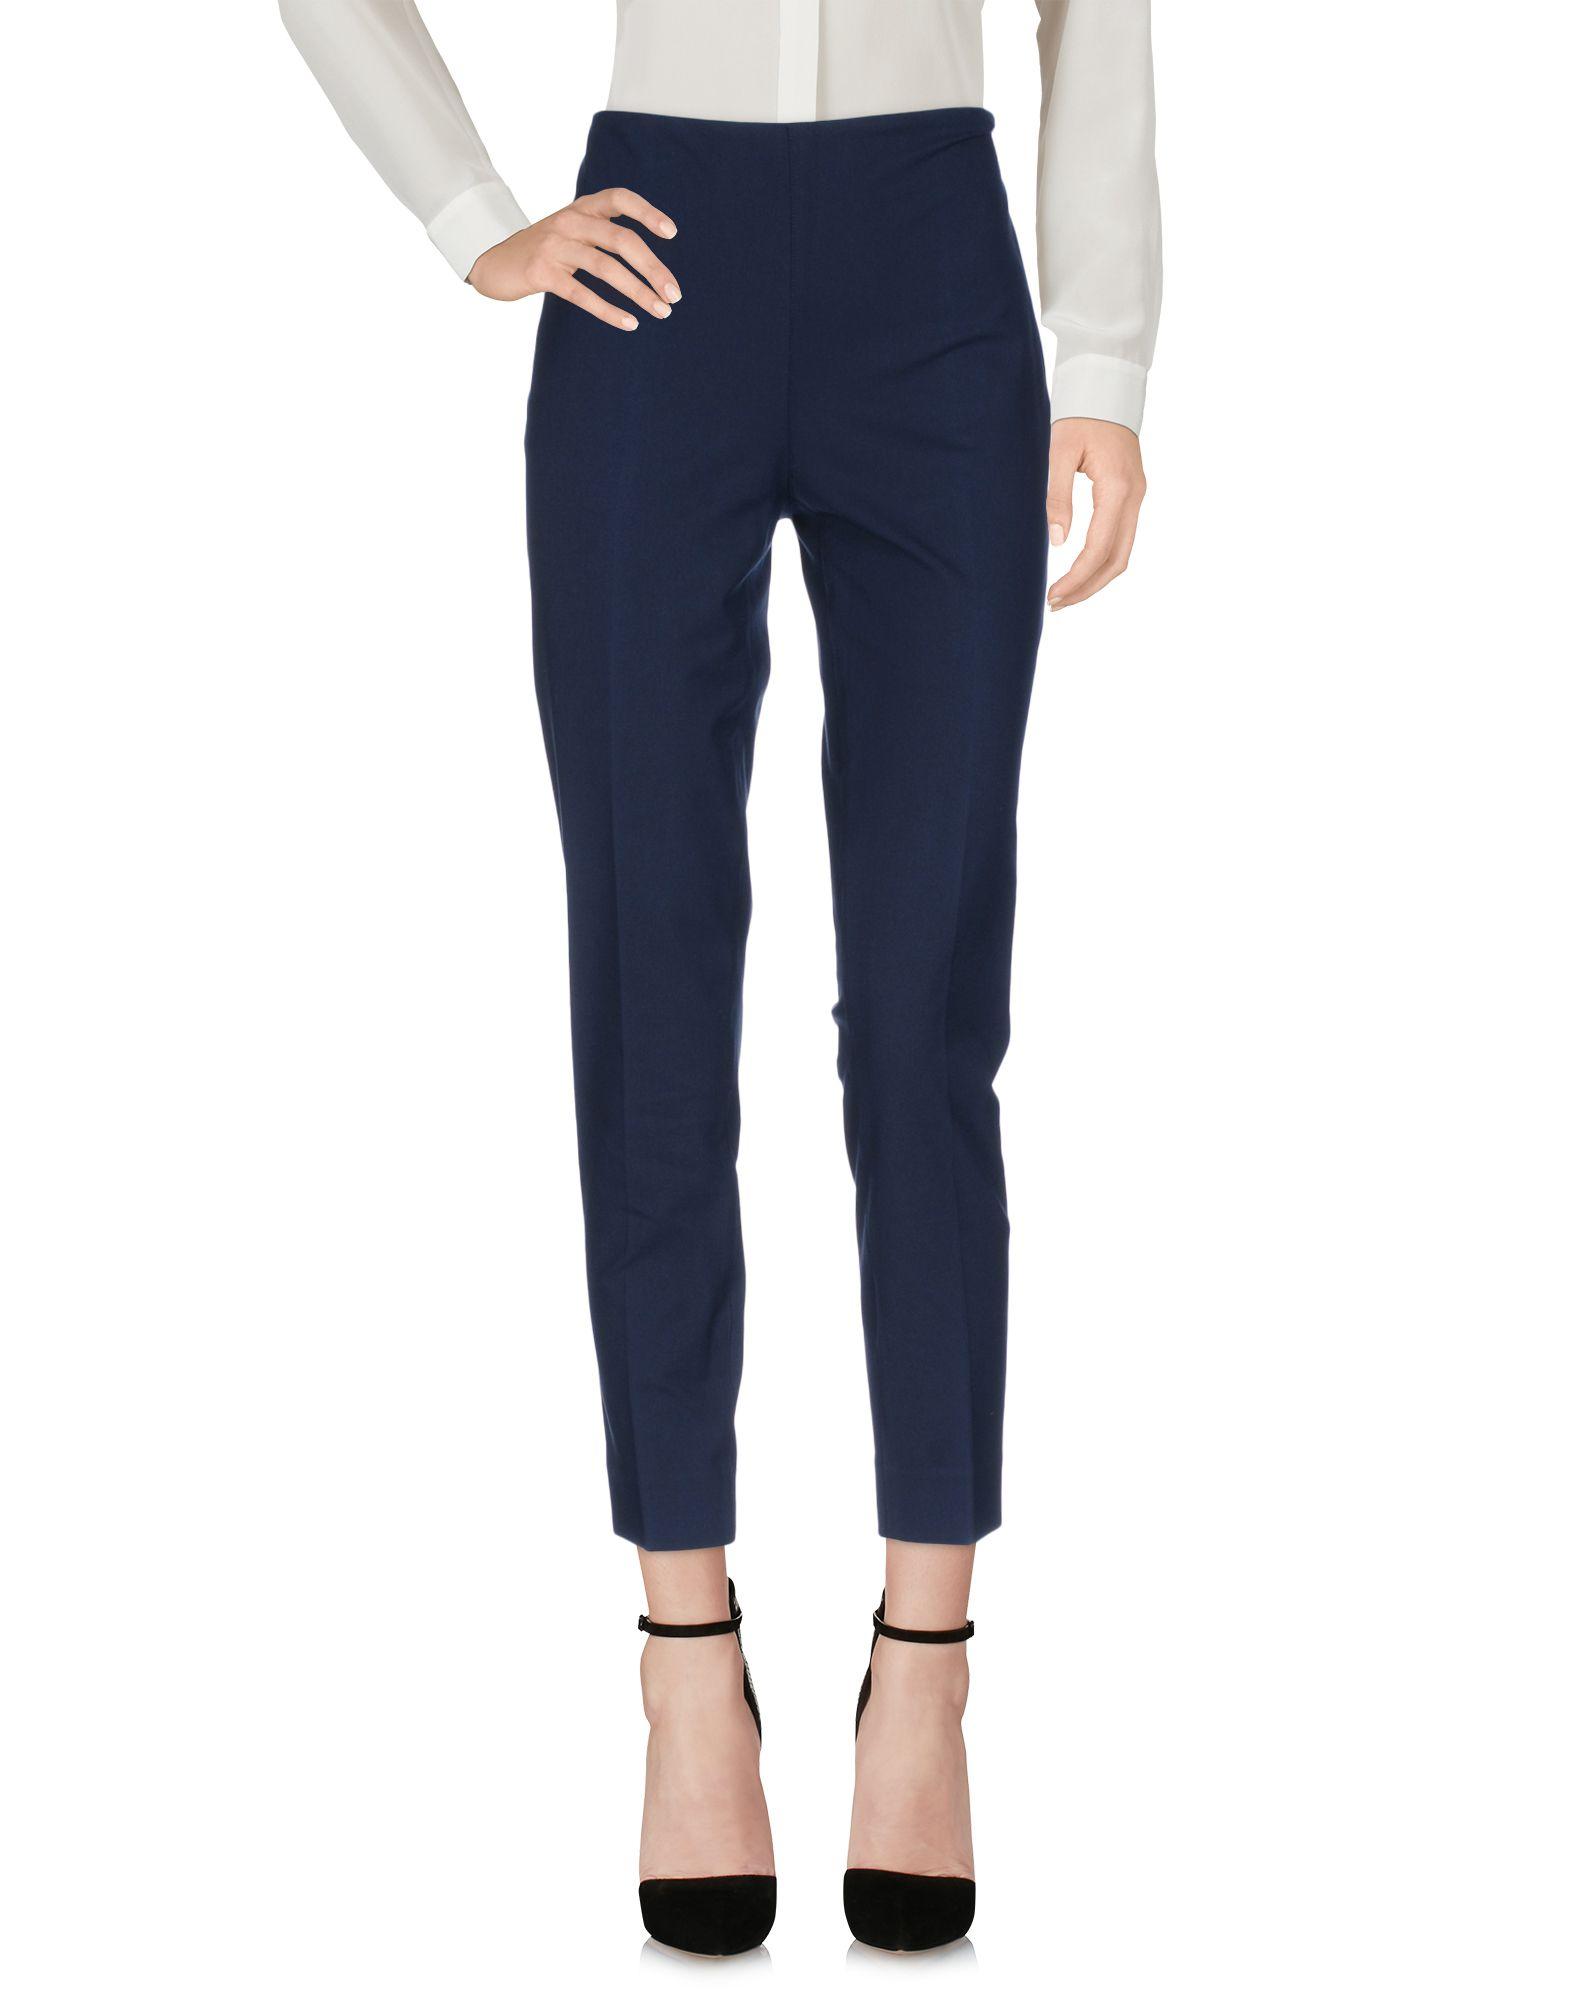 RALPH LAUREN BLACK LABEL Damen Hose Farbe Blau Größe 2 - broschei